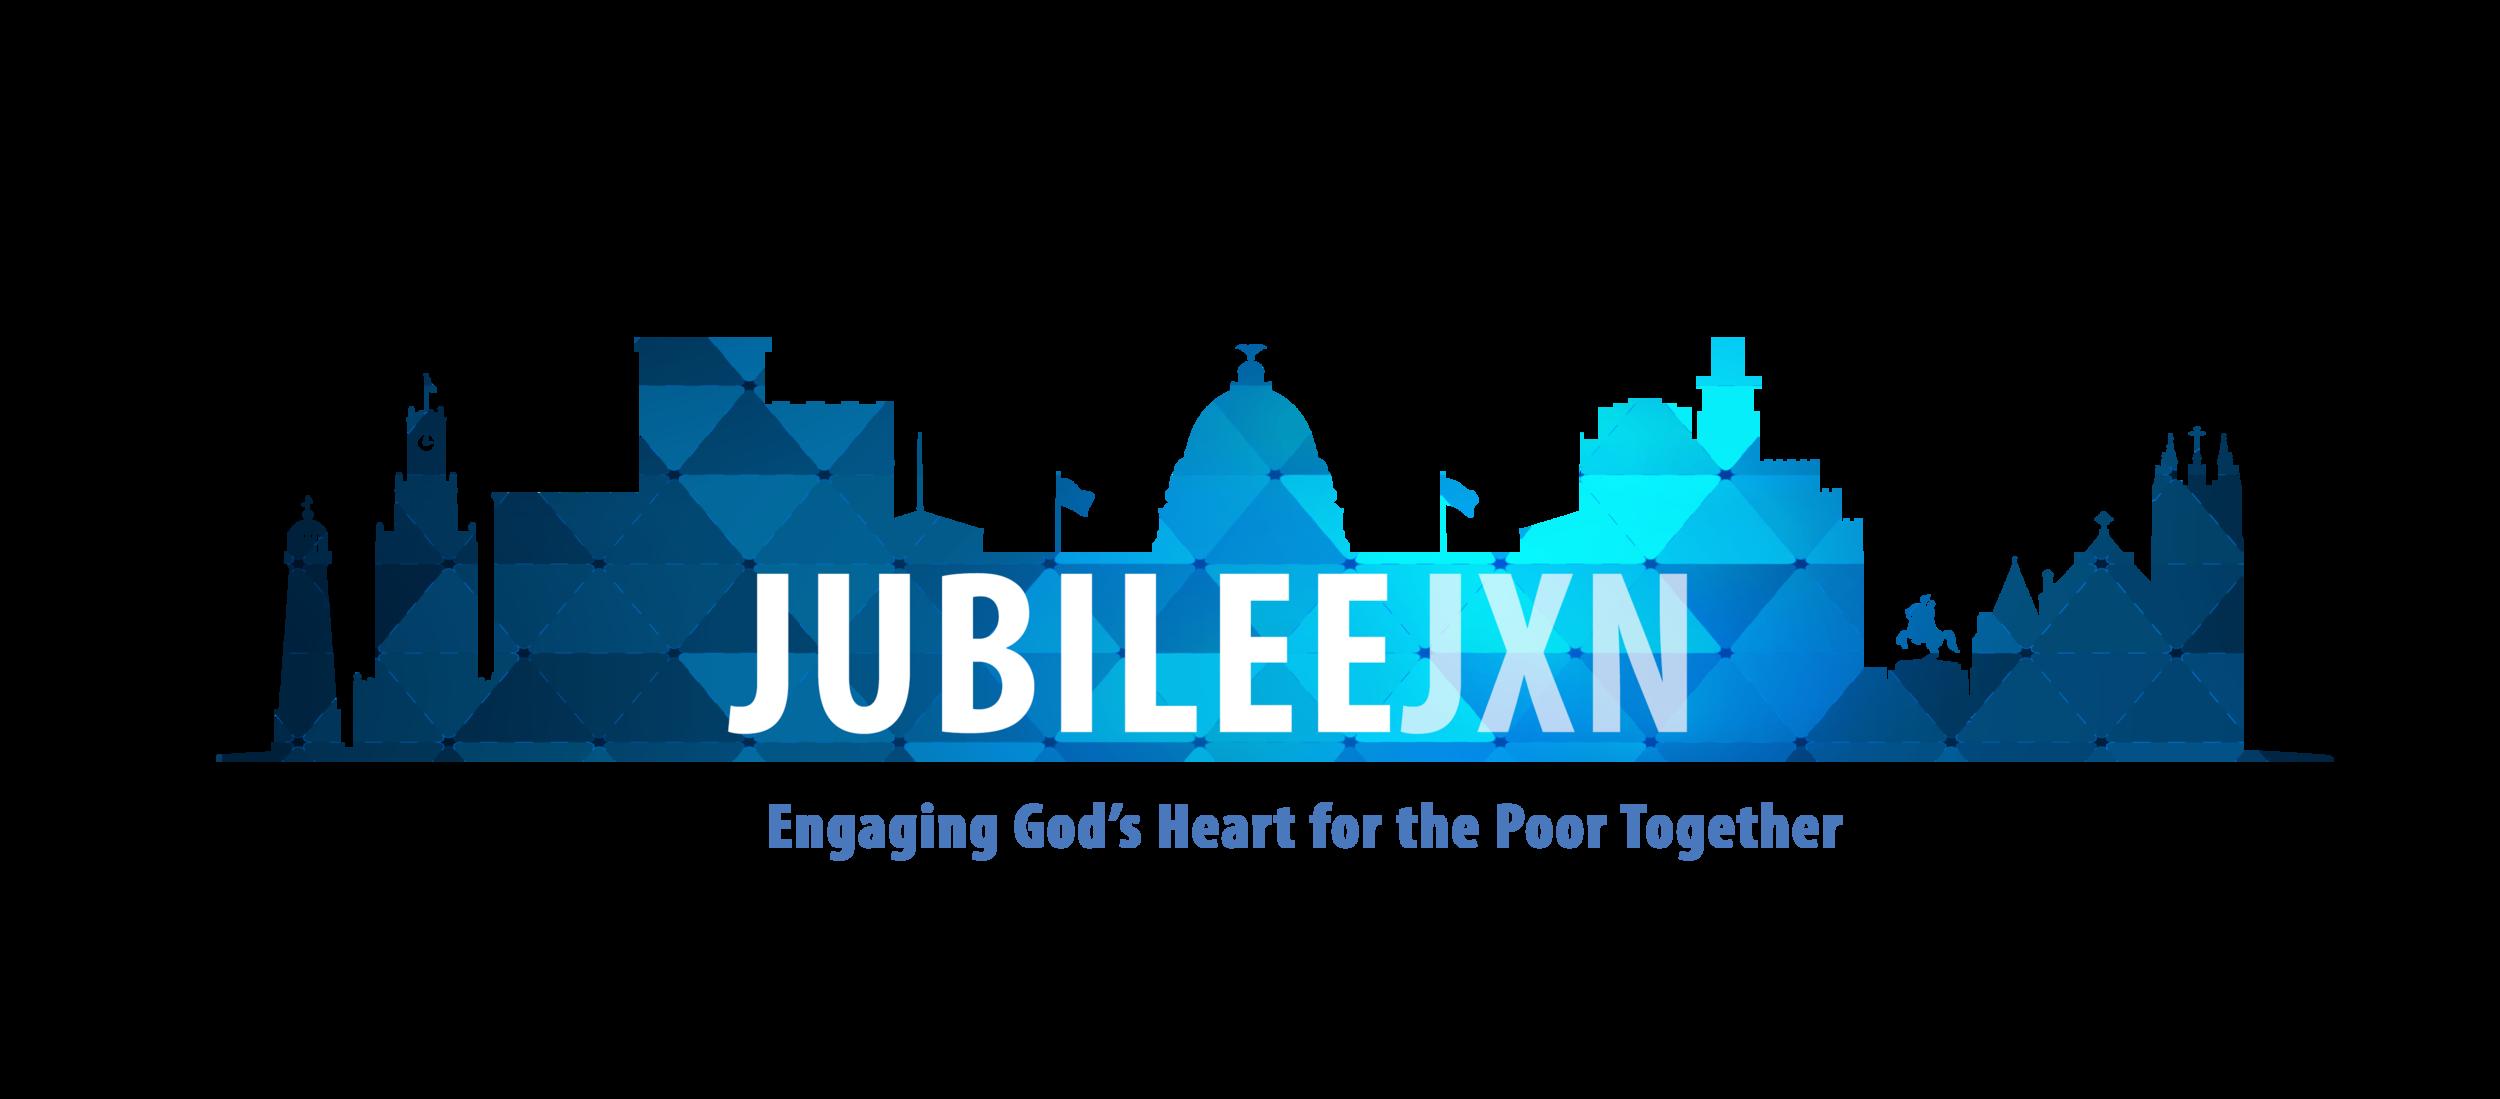 Jubilee_Jxn_Logo.png